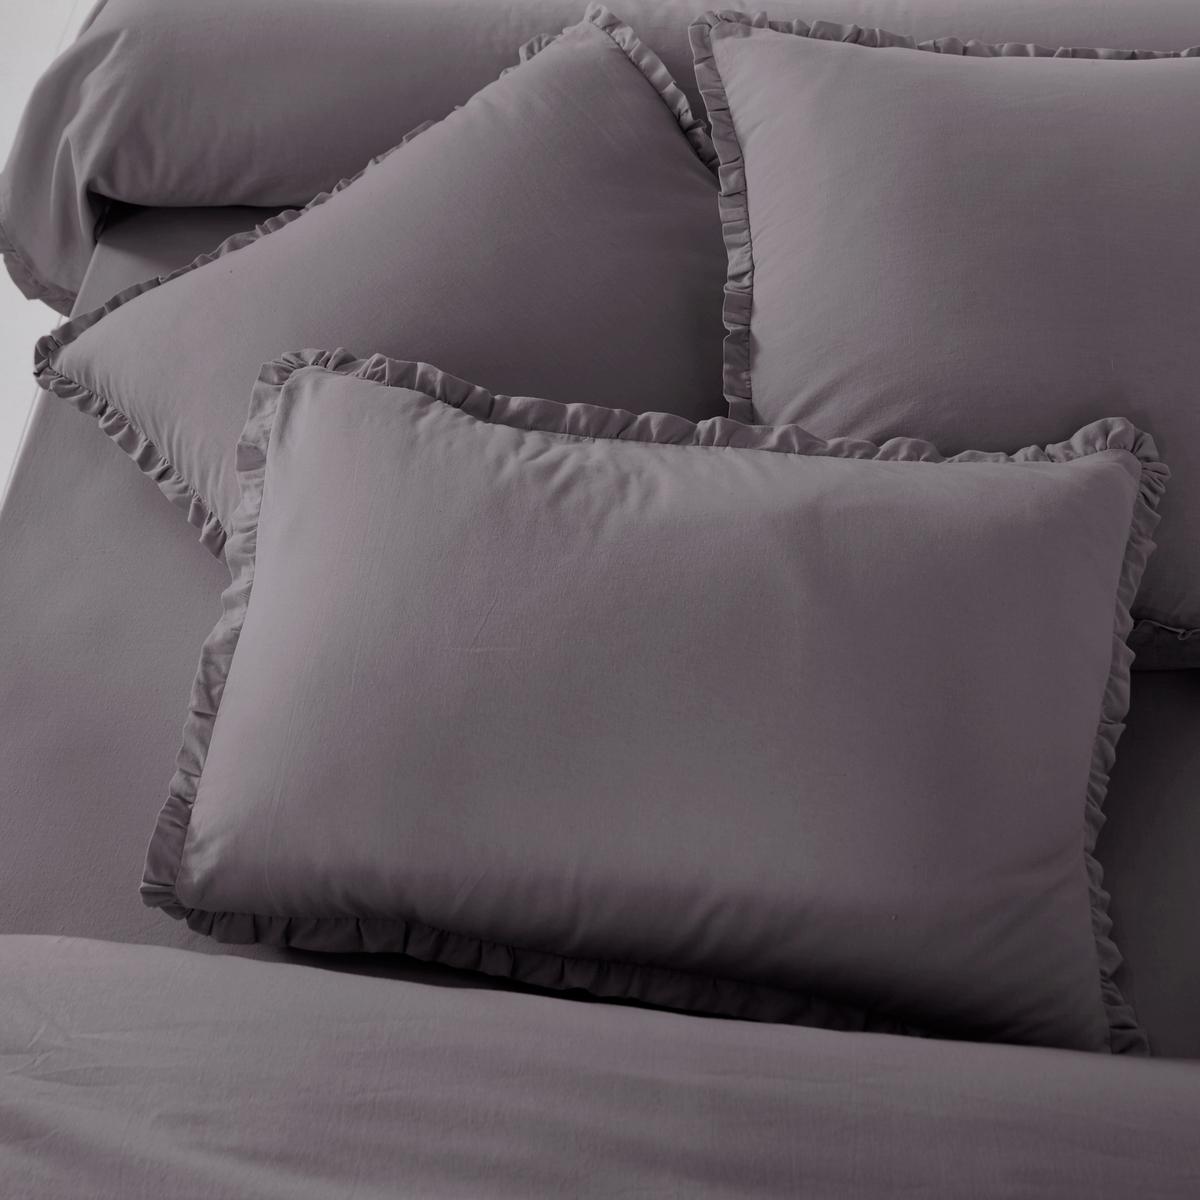 Наволочка из смешанной стиранной ткани, OndinaОписание наволочки Ondina :- Смешанная ткань 55% хлопка, 45% льна, аутентичная и прочная стиранная ткань для большей мягкости и эластичности ..Машинная стирка при 60 °С.- Отделка двойным воланом, со складками.  Размеры :50 x 70 см : прямоугольный63 x 63 см : квадратный<br><br>Цвет: белый,светло-бежевый,серо-фиалковый,серо-фиолетовый<br>Размер: 50 x 70  см.63 x 63  см.63 x 63  см.50 x 70  см.50 x 70  см.50 x 70  см